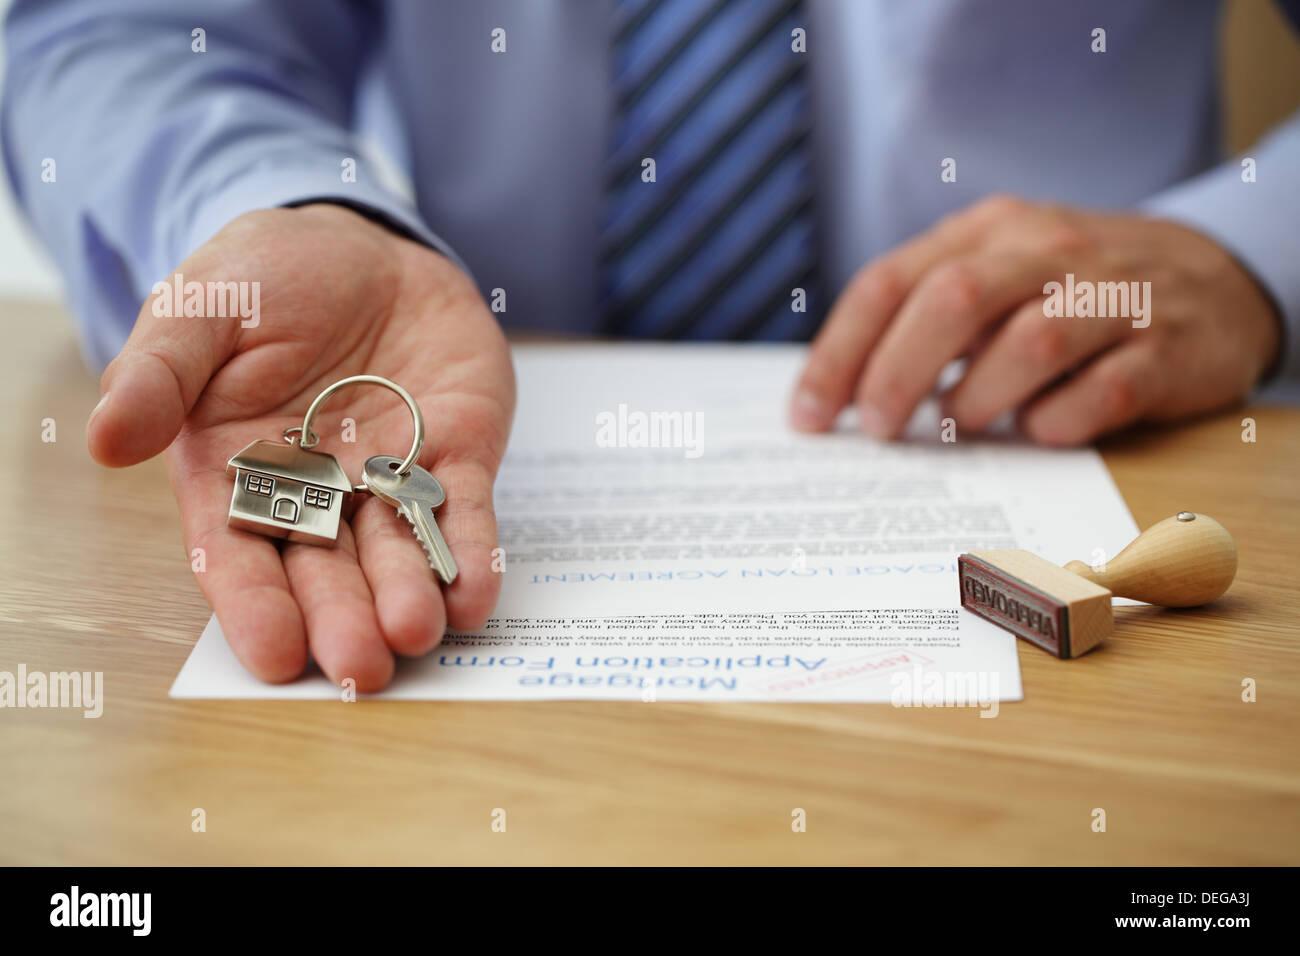 Handing over house keys - Stock Image